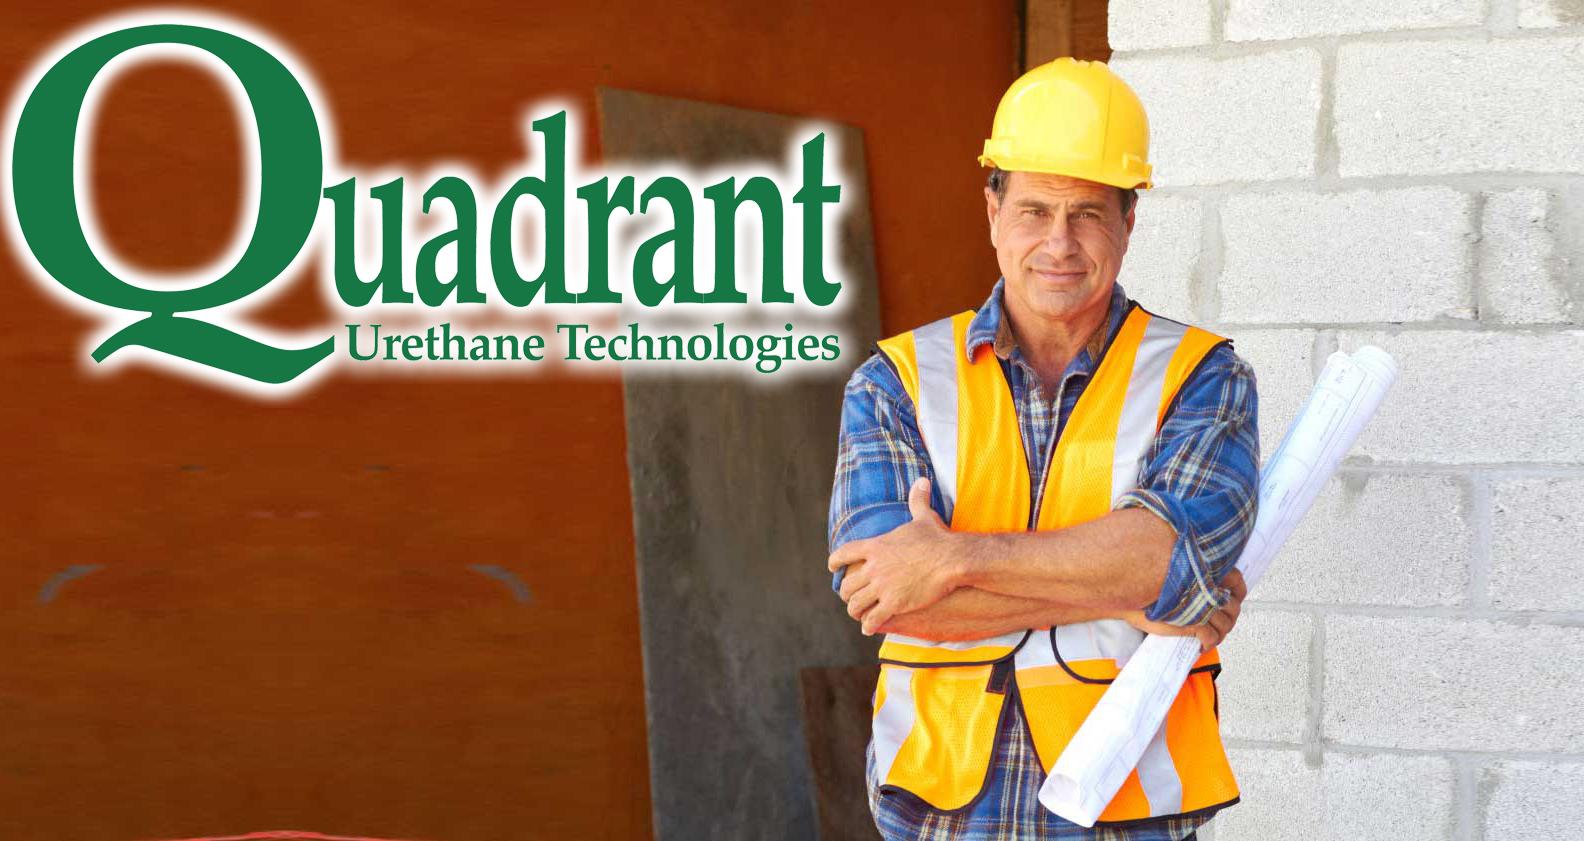 Logotyp firmy Quadrant